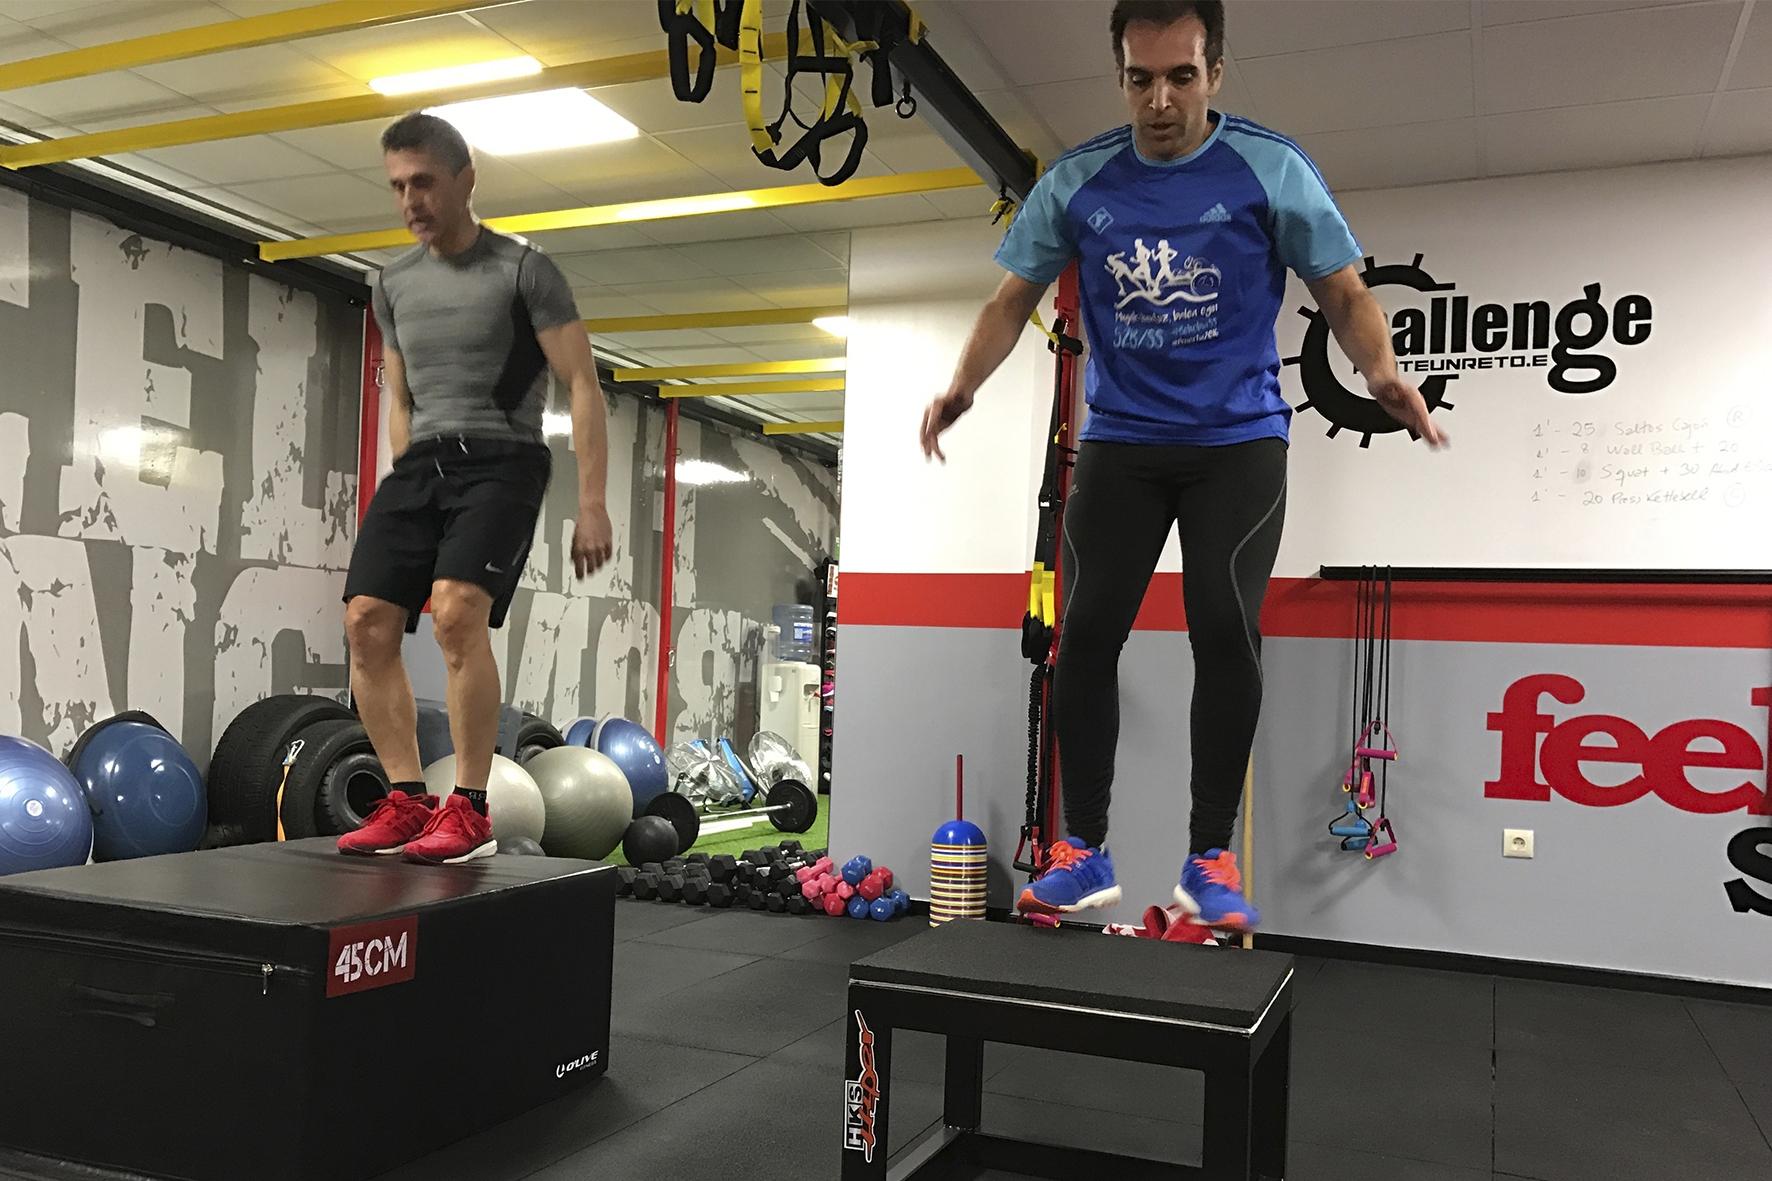 Entrenamiento Funcional 5 Feel Strong Sienttfuerte Sala de entrenamiento en Navalcarnero Madrid